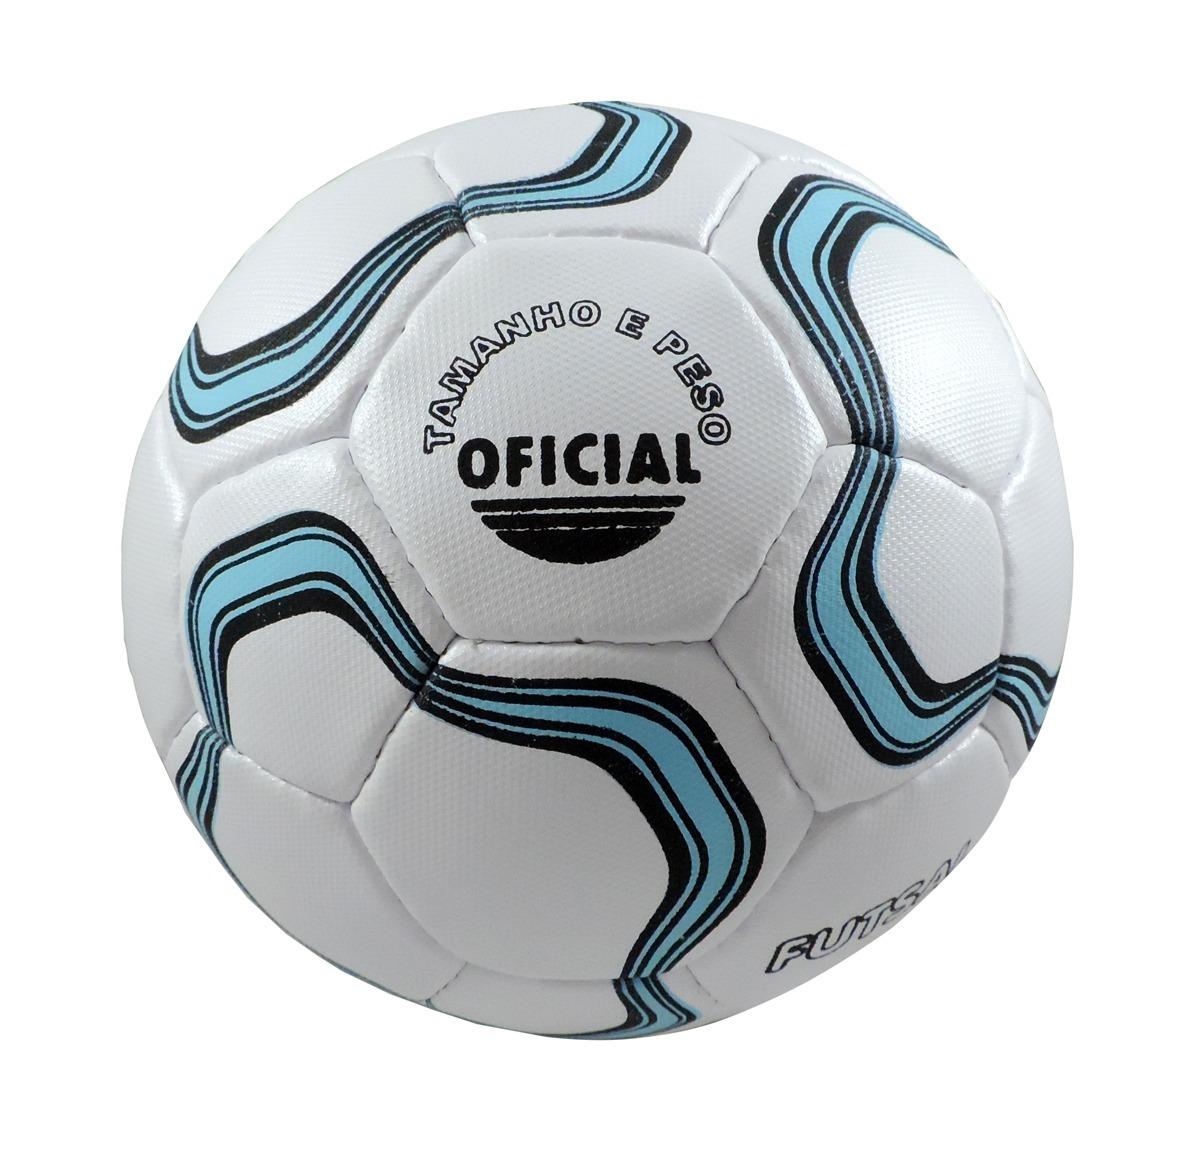 bola de futsal futebol salão quadra - misaki adulto. Carregando zoom. 258b4bf4916a2